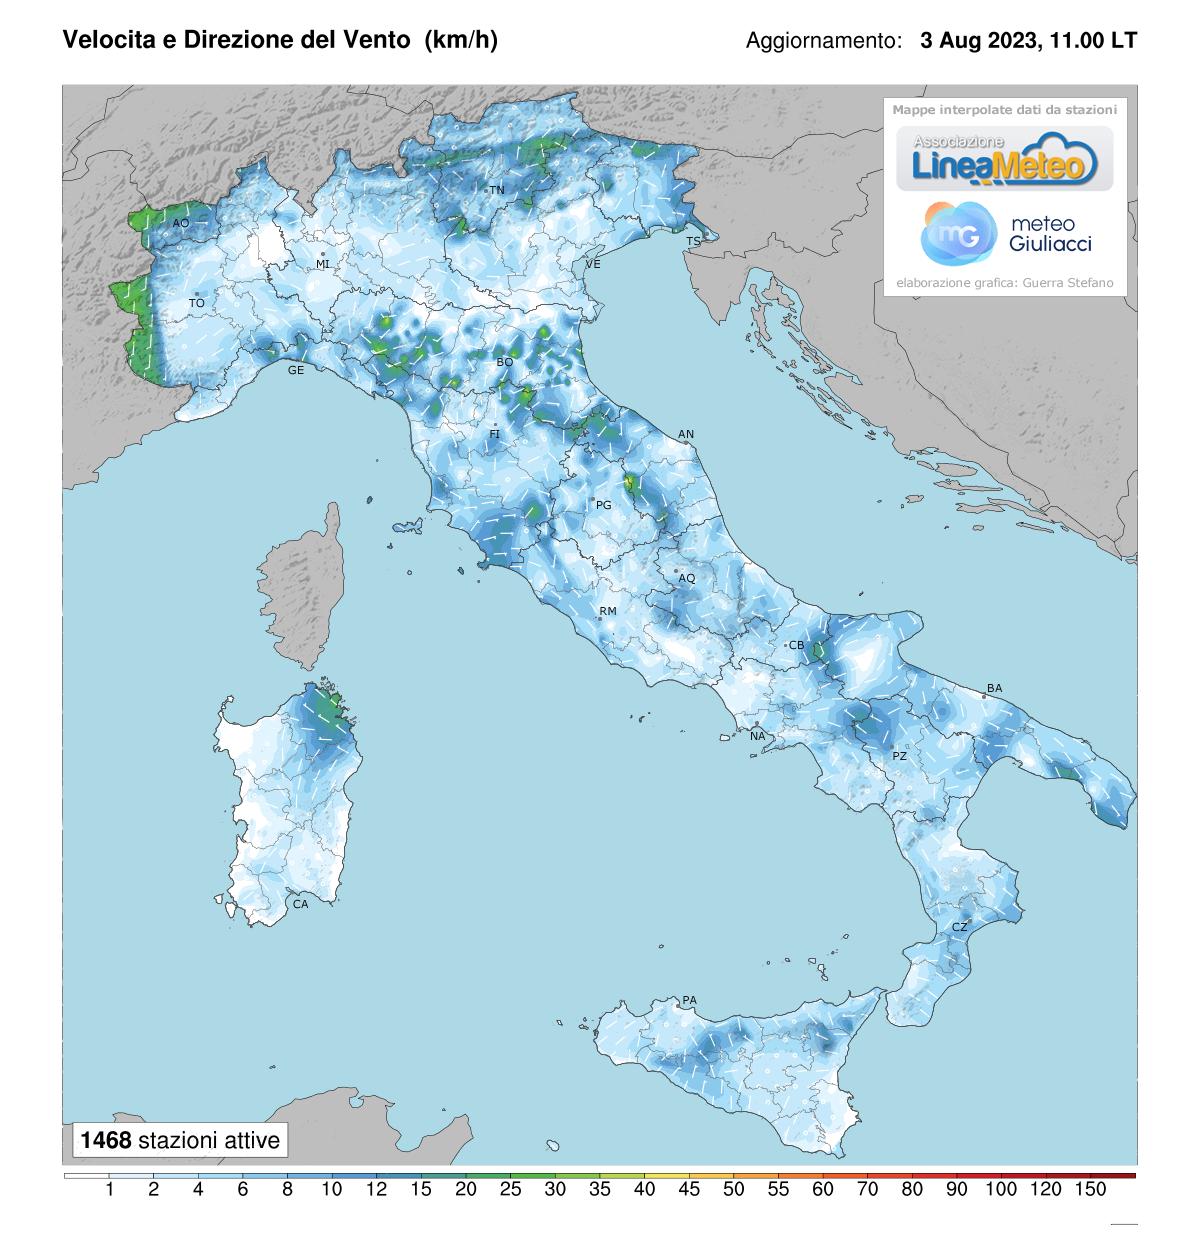 Intensità del vento Italia